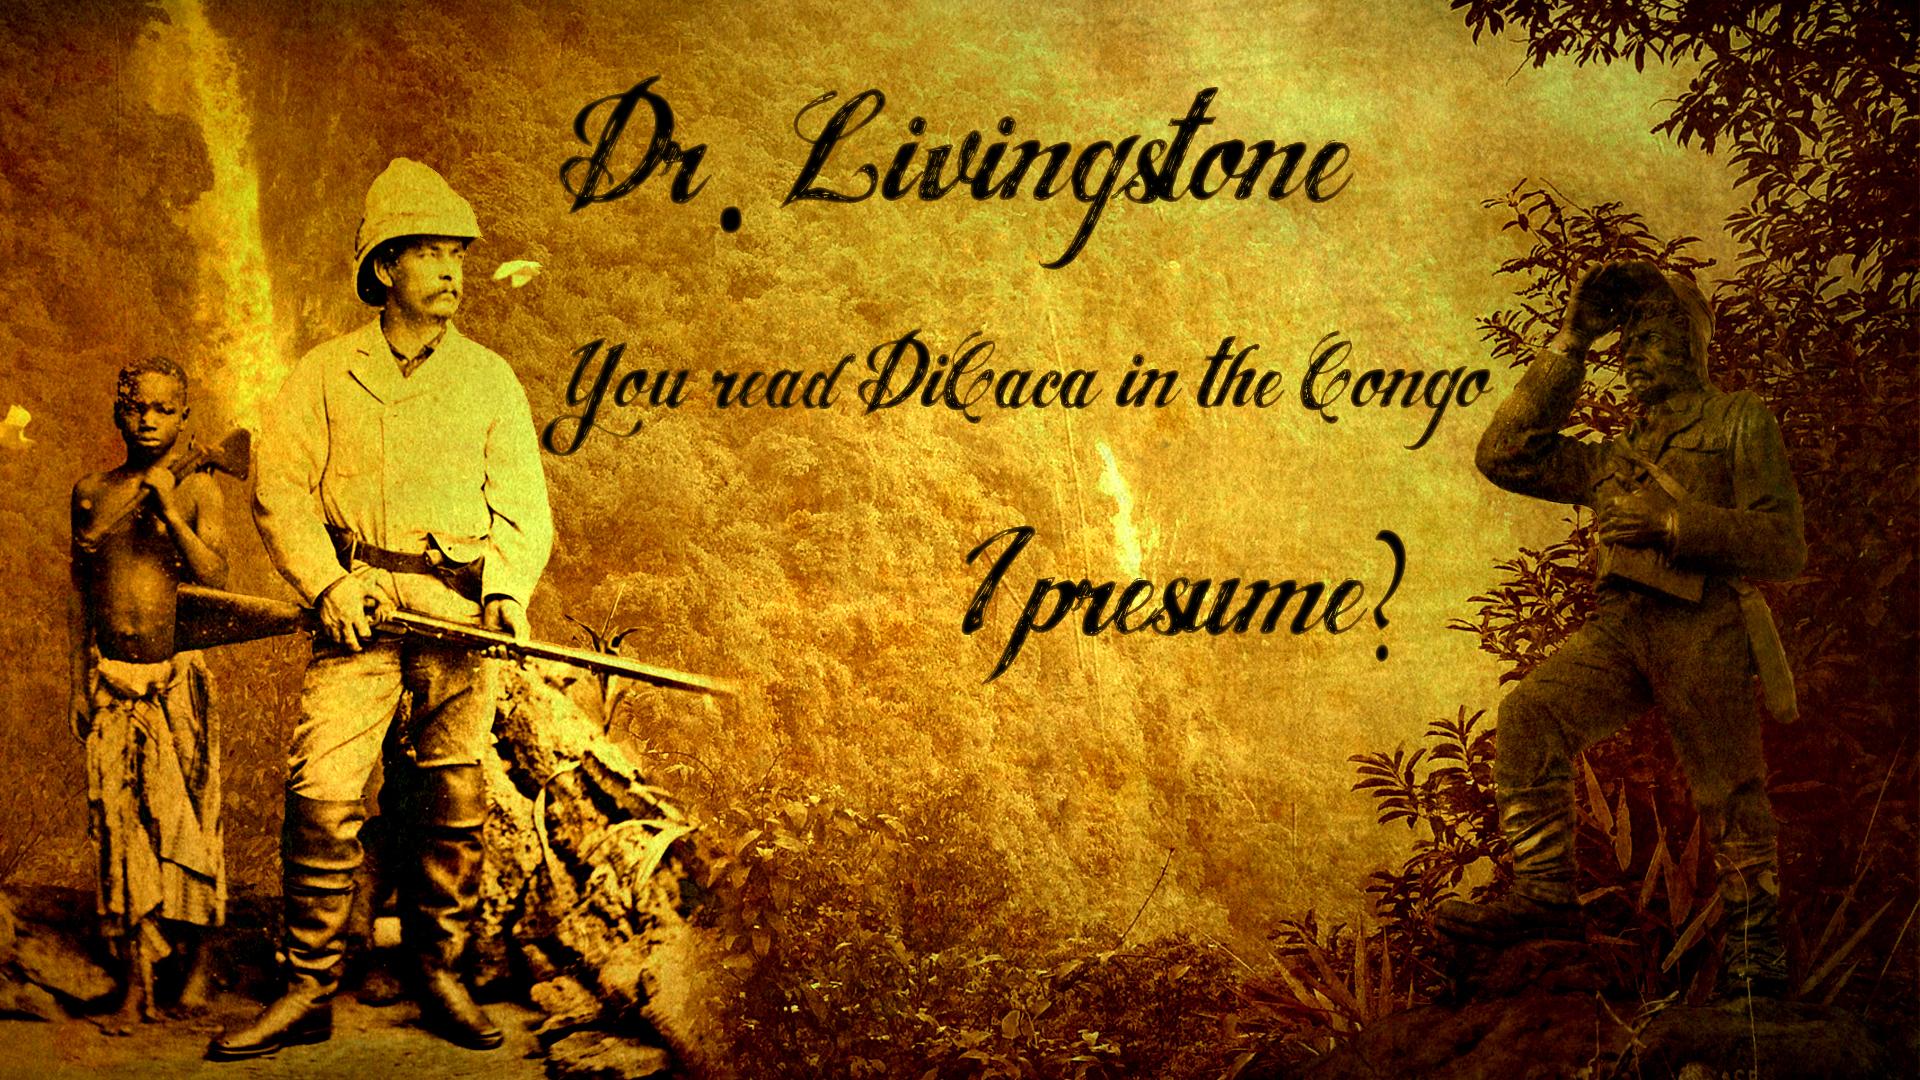 Livingstone I Presume : Dr Livingstone I presume? by FuRiuZ on DeviantArt